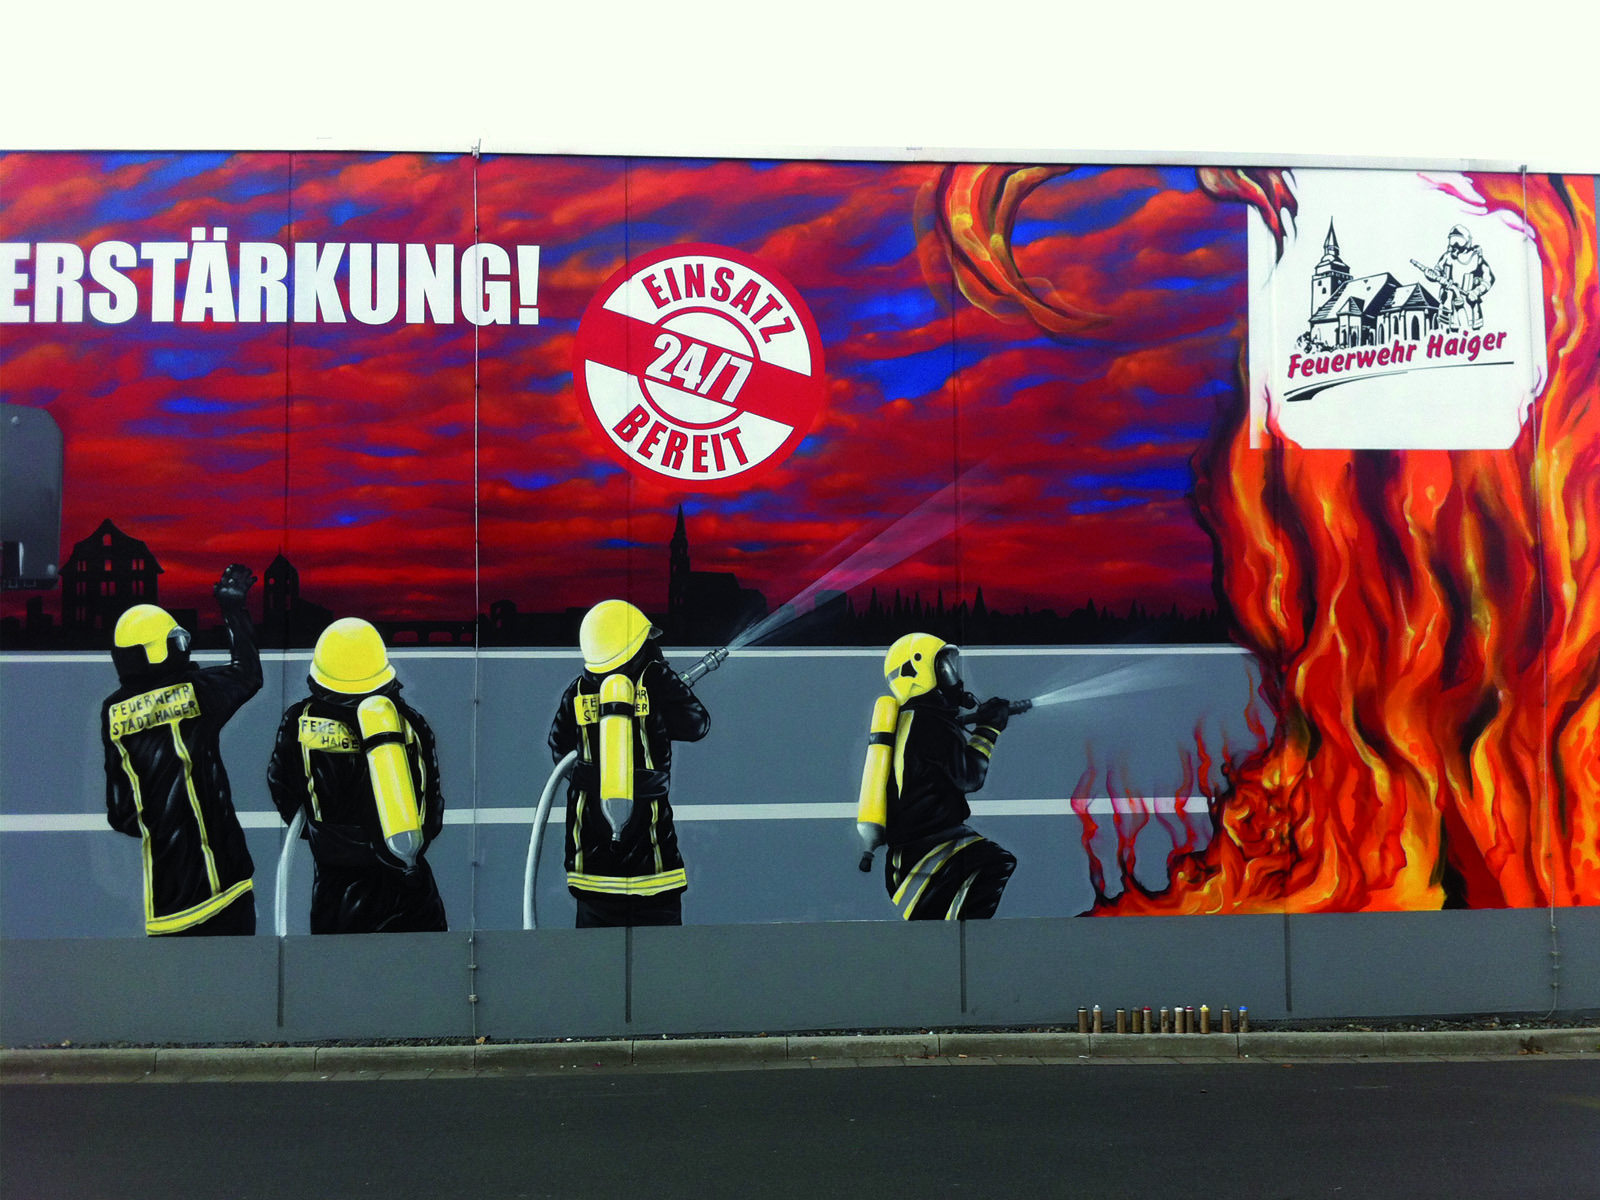 graffitiauftrag_graffitikuenstler_artmos4_feuerwehr_haiger_menschen_flammen_logo